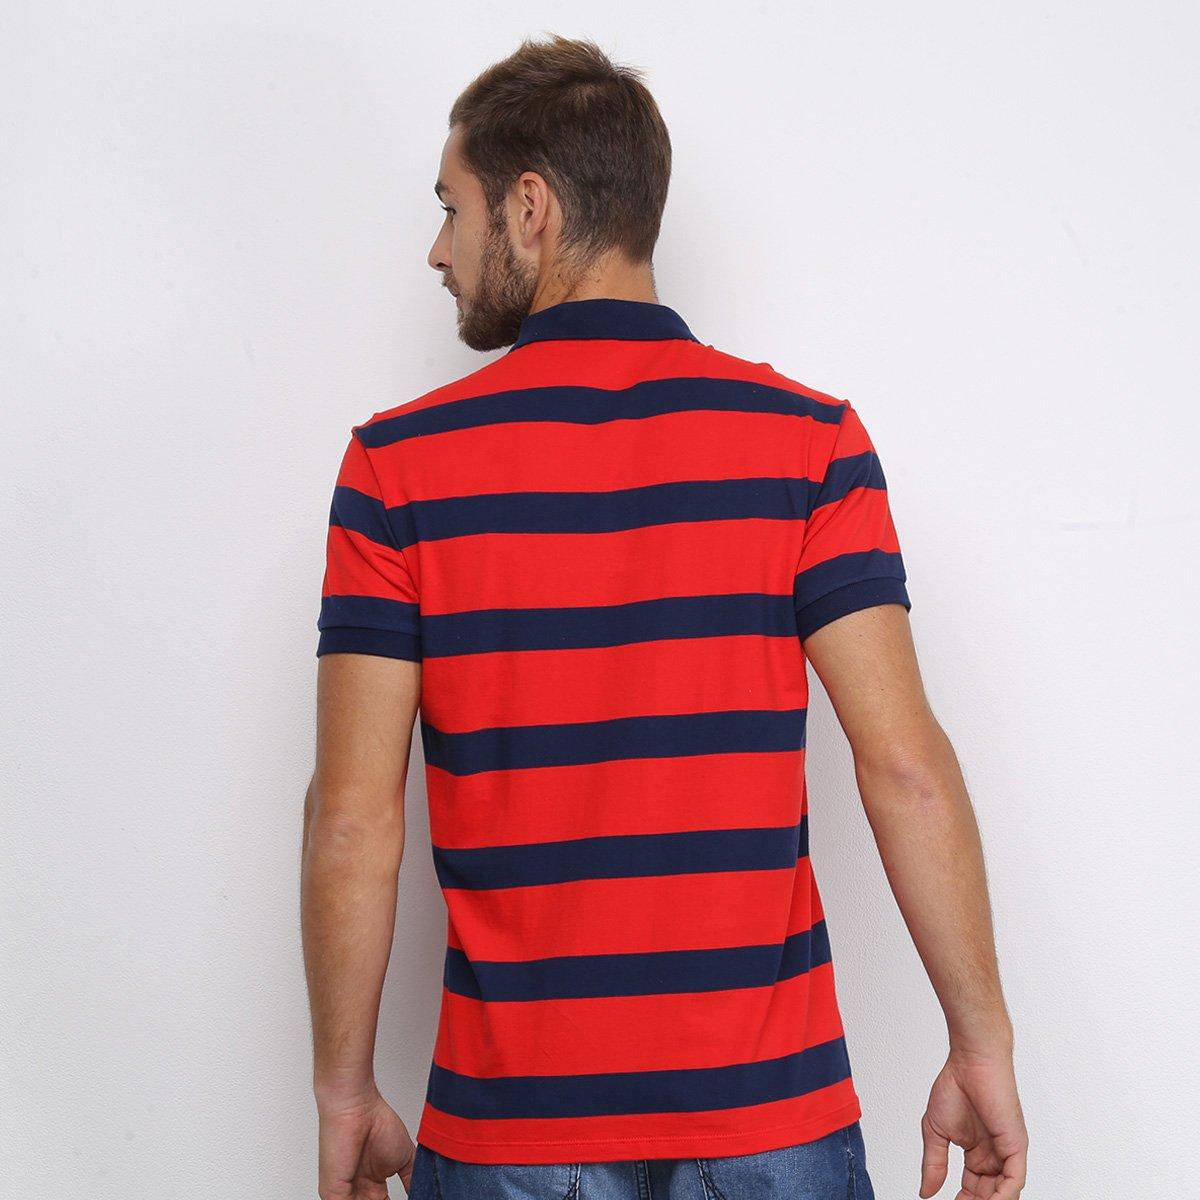 Camisa Polo Colcci Listrada Masculina - Vermelho e Marinho